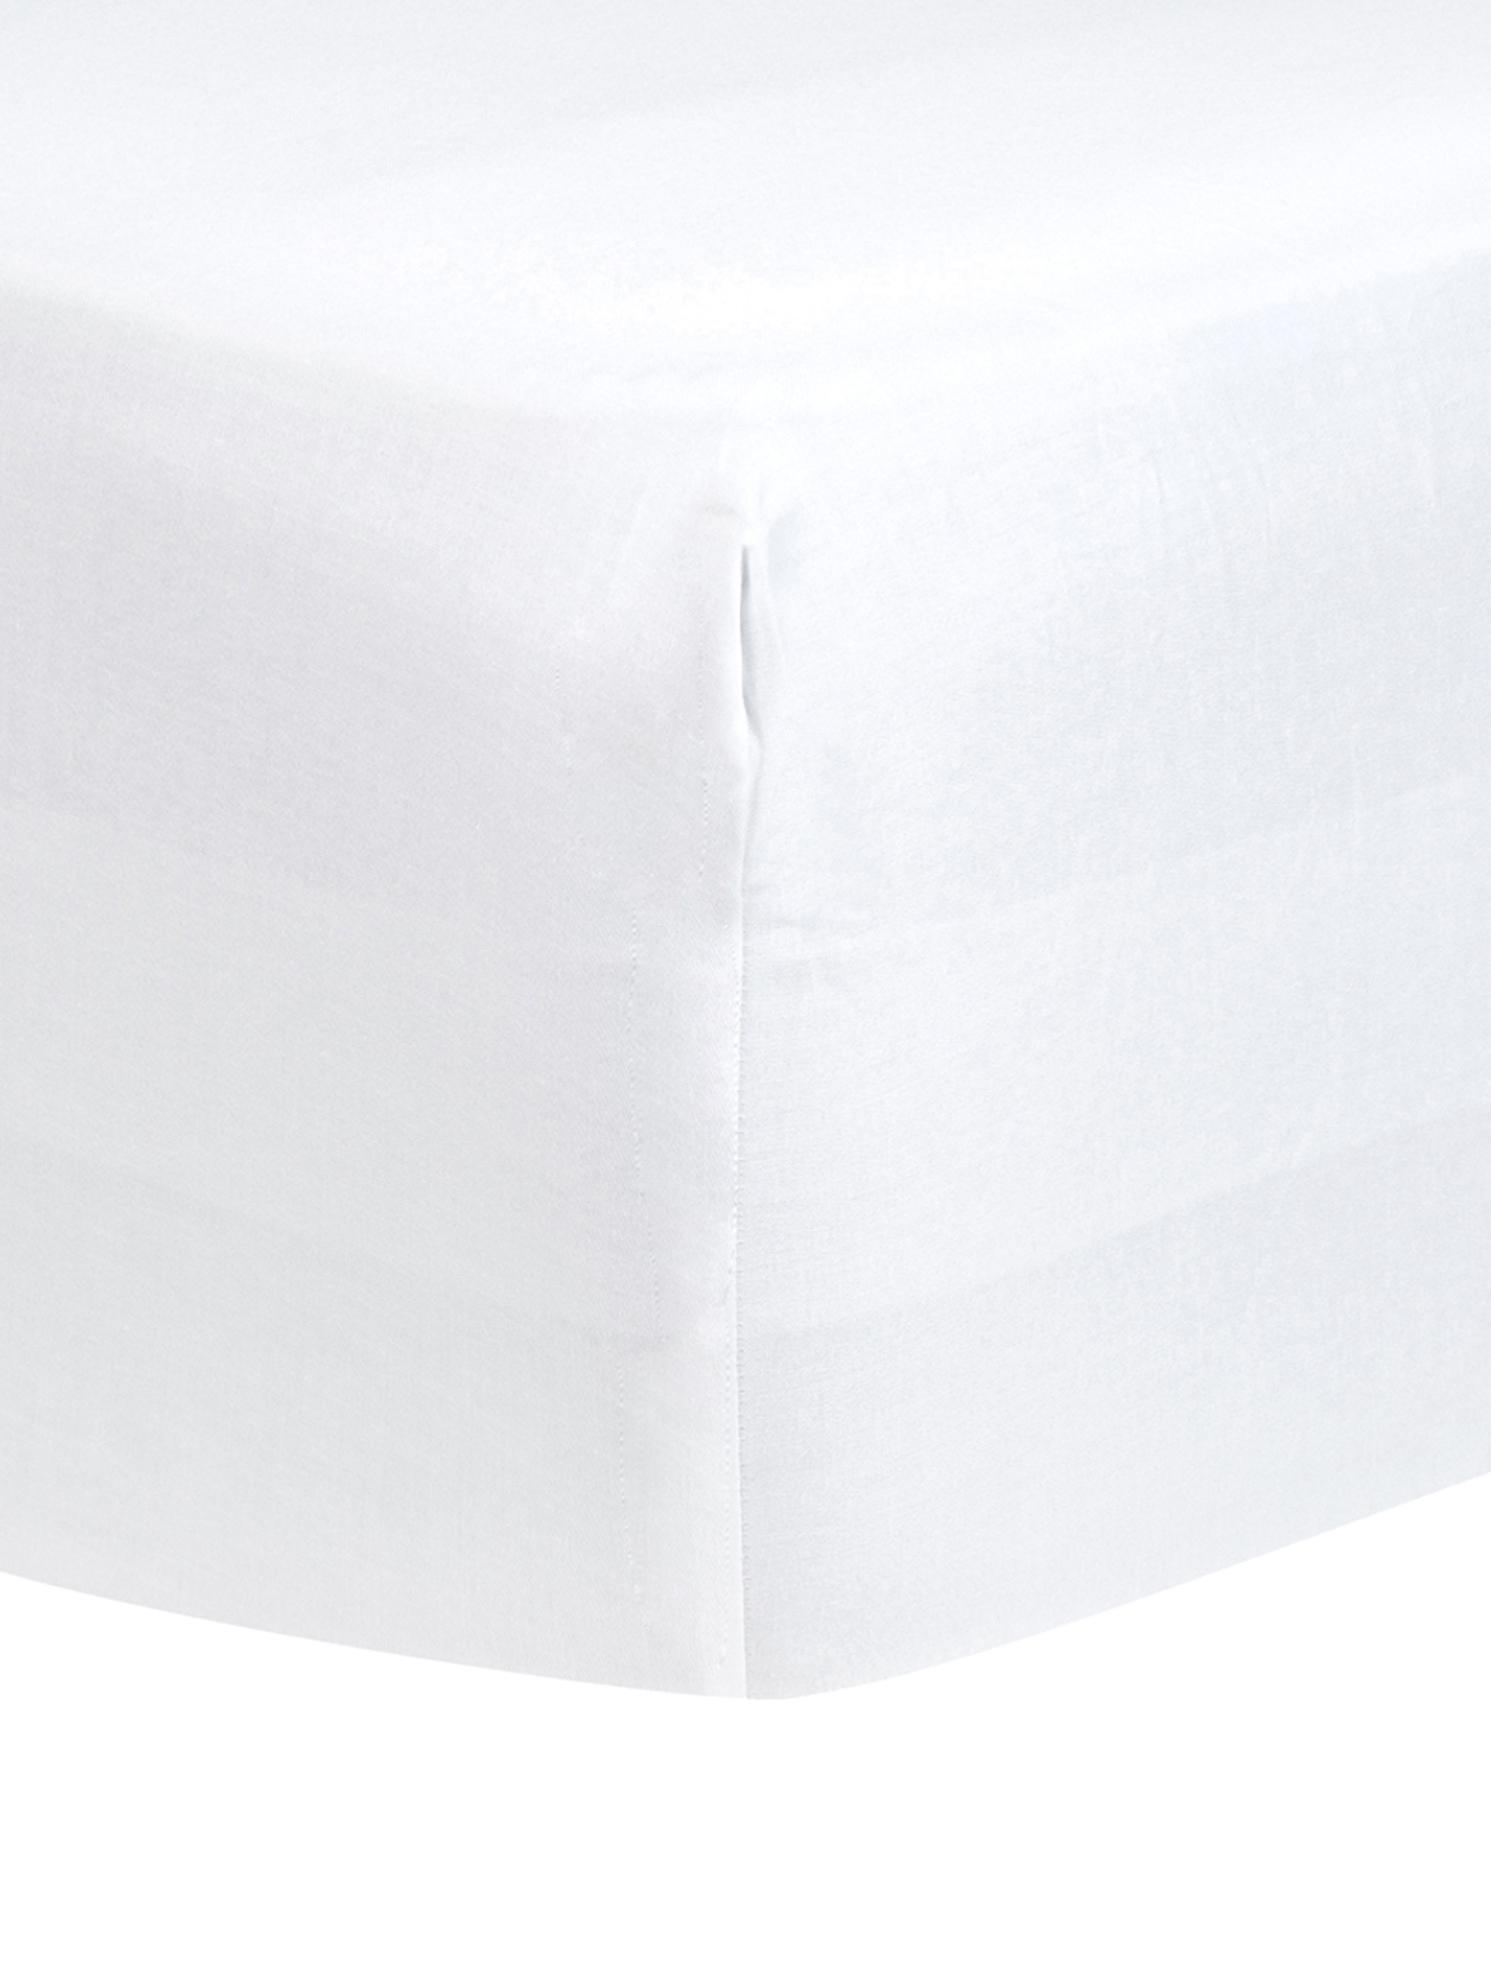 Sábana bajera de satén Comfort, Blanco, Cama 150 cm (160 x 200 cm)